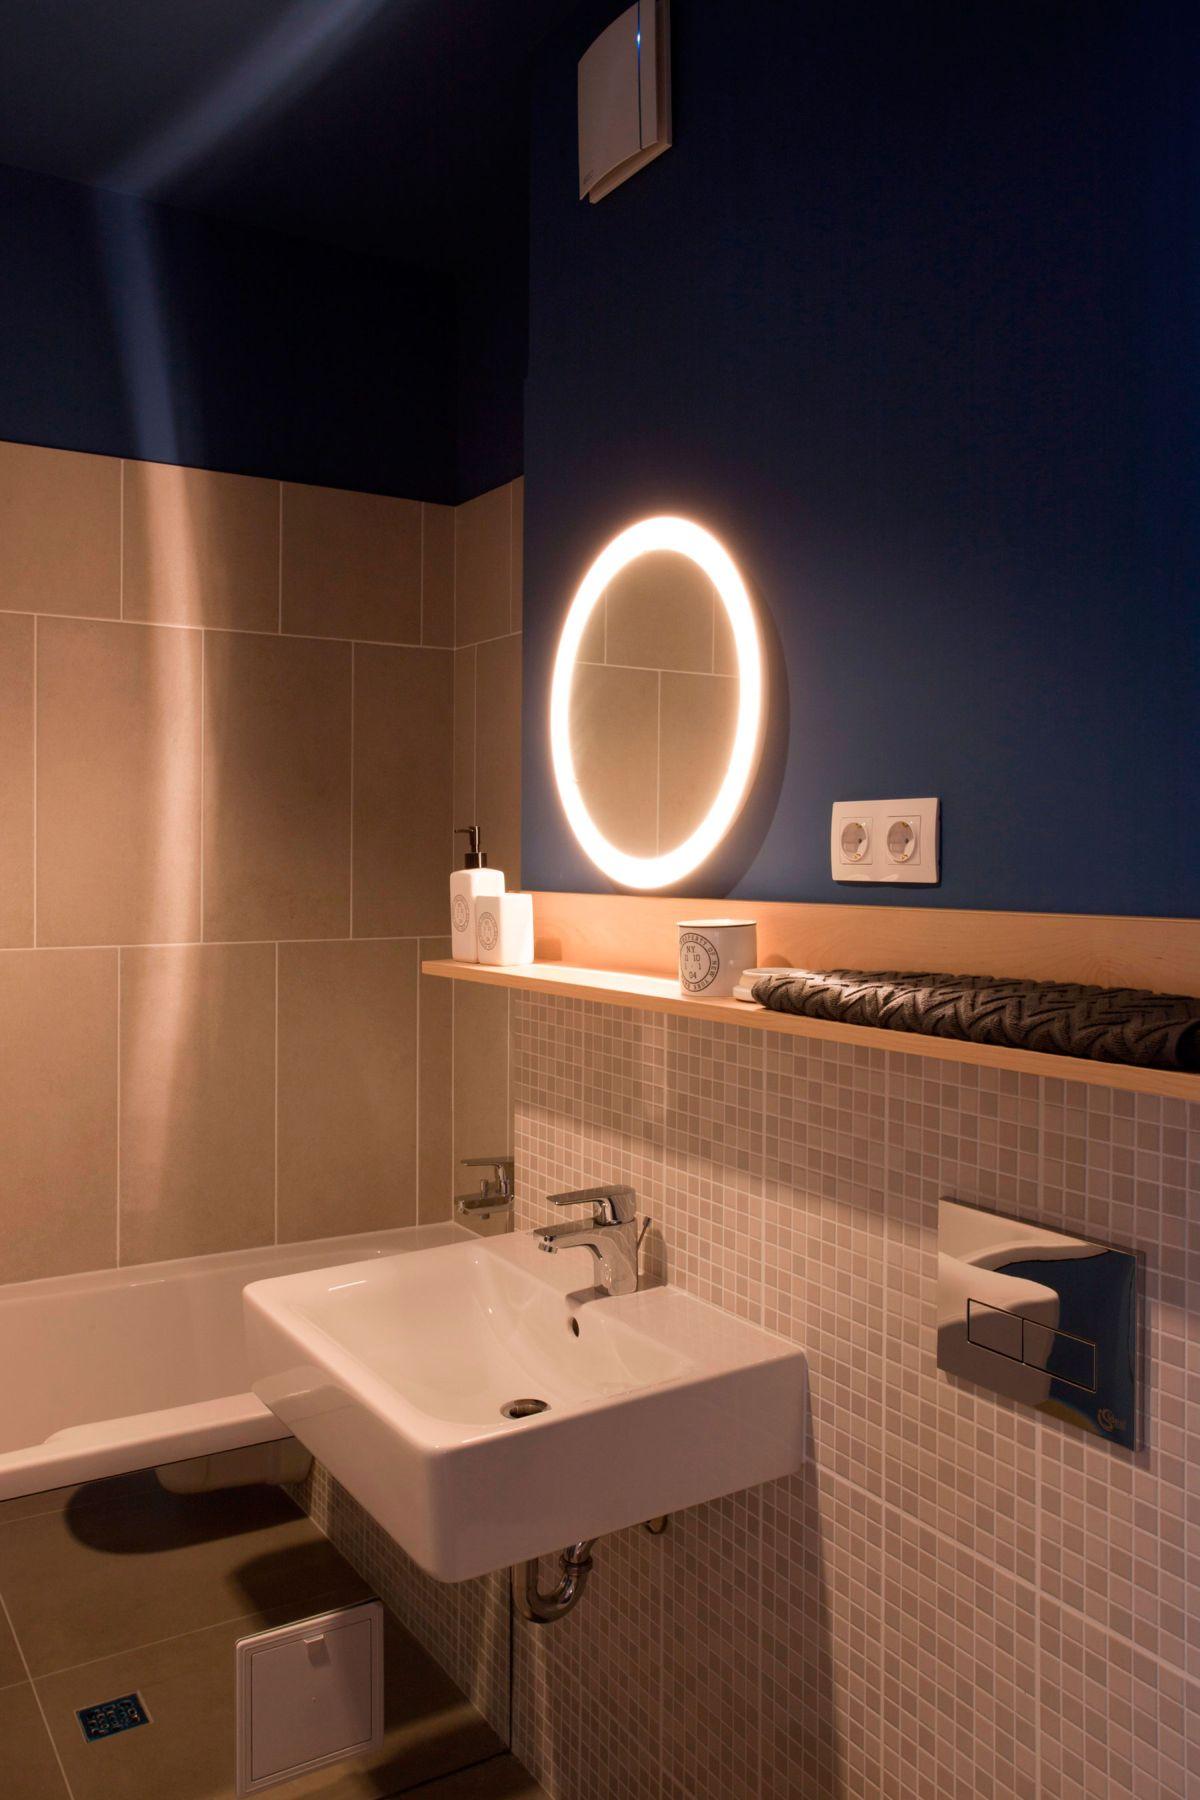 No.3 apartment bathroom mirror